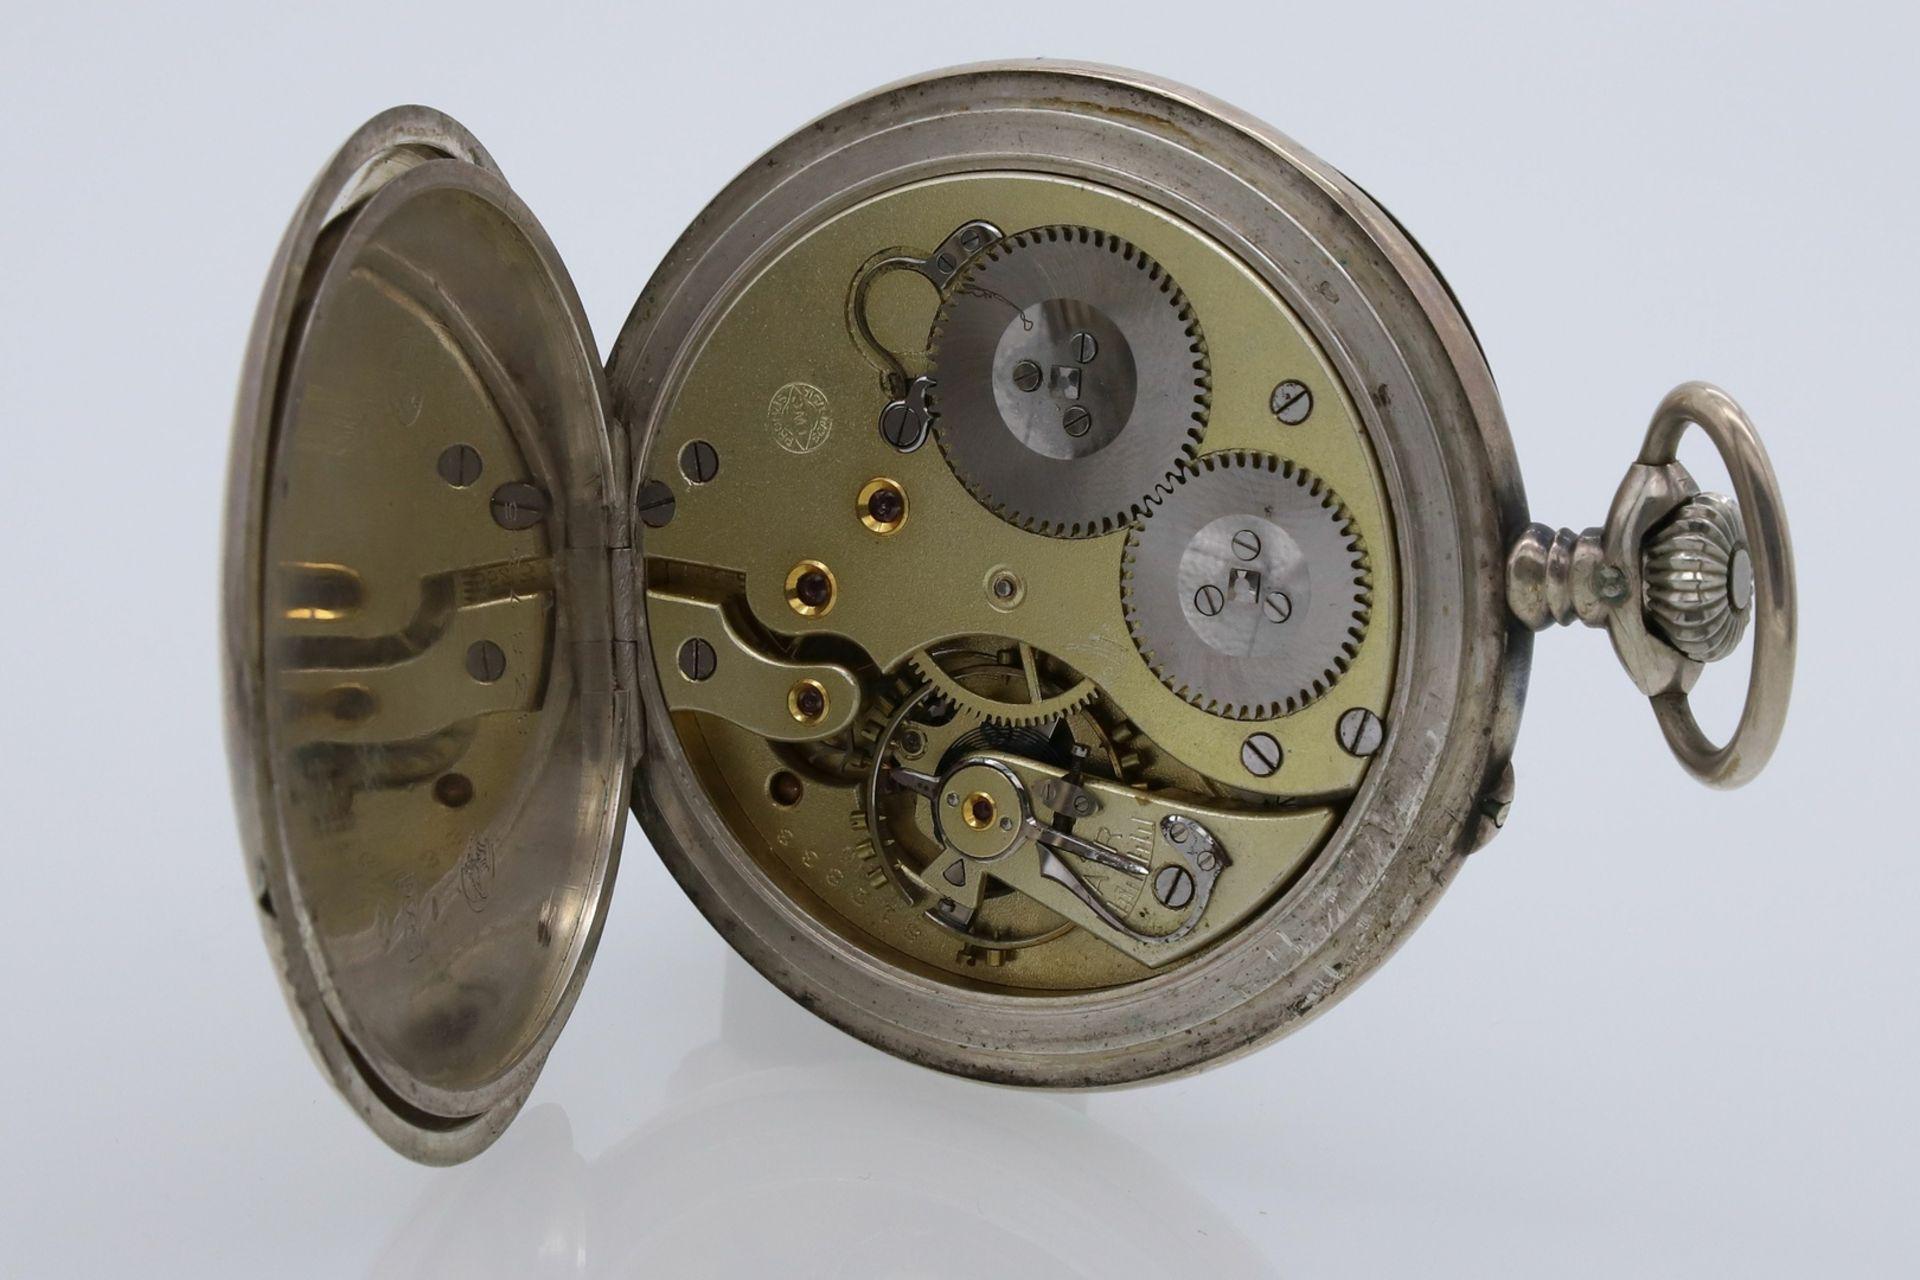 IWC Schaffhausen silberne Taschenuhr, um 1910 - Bild 4 aus 4